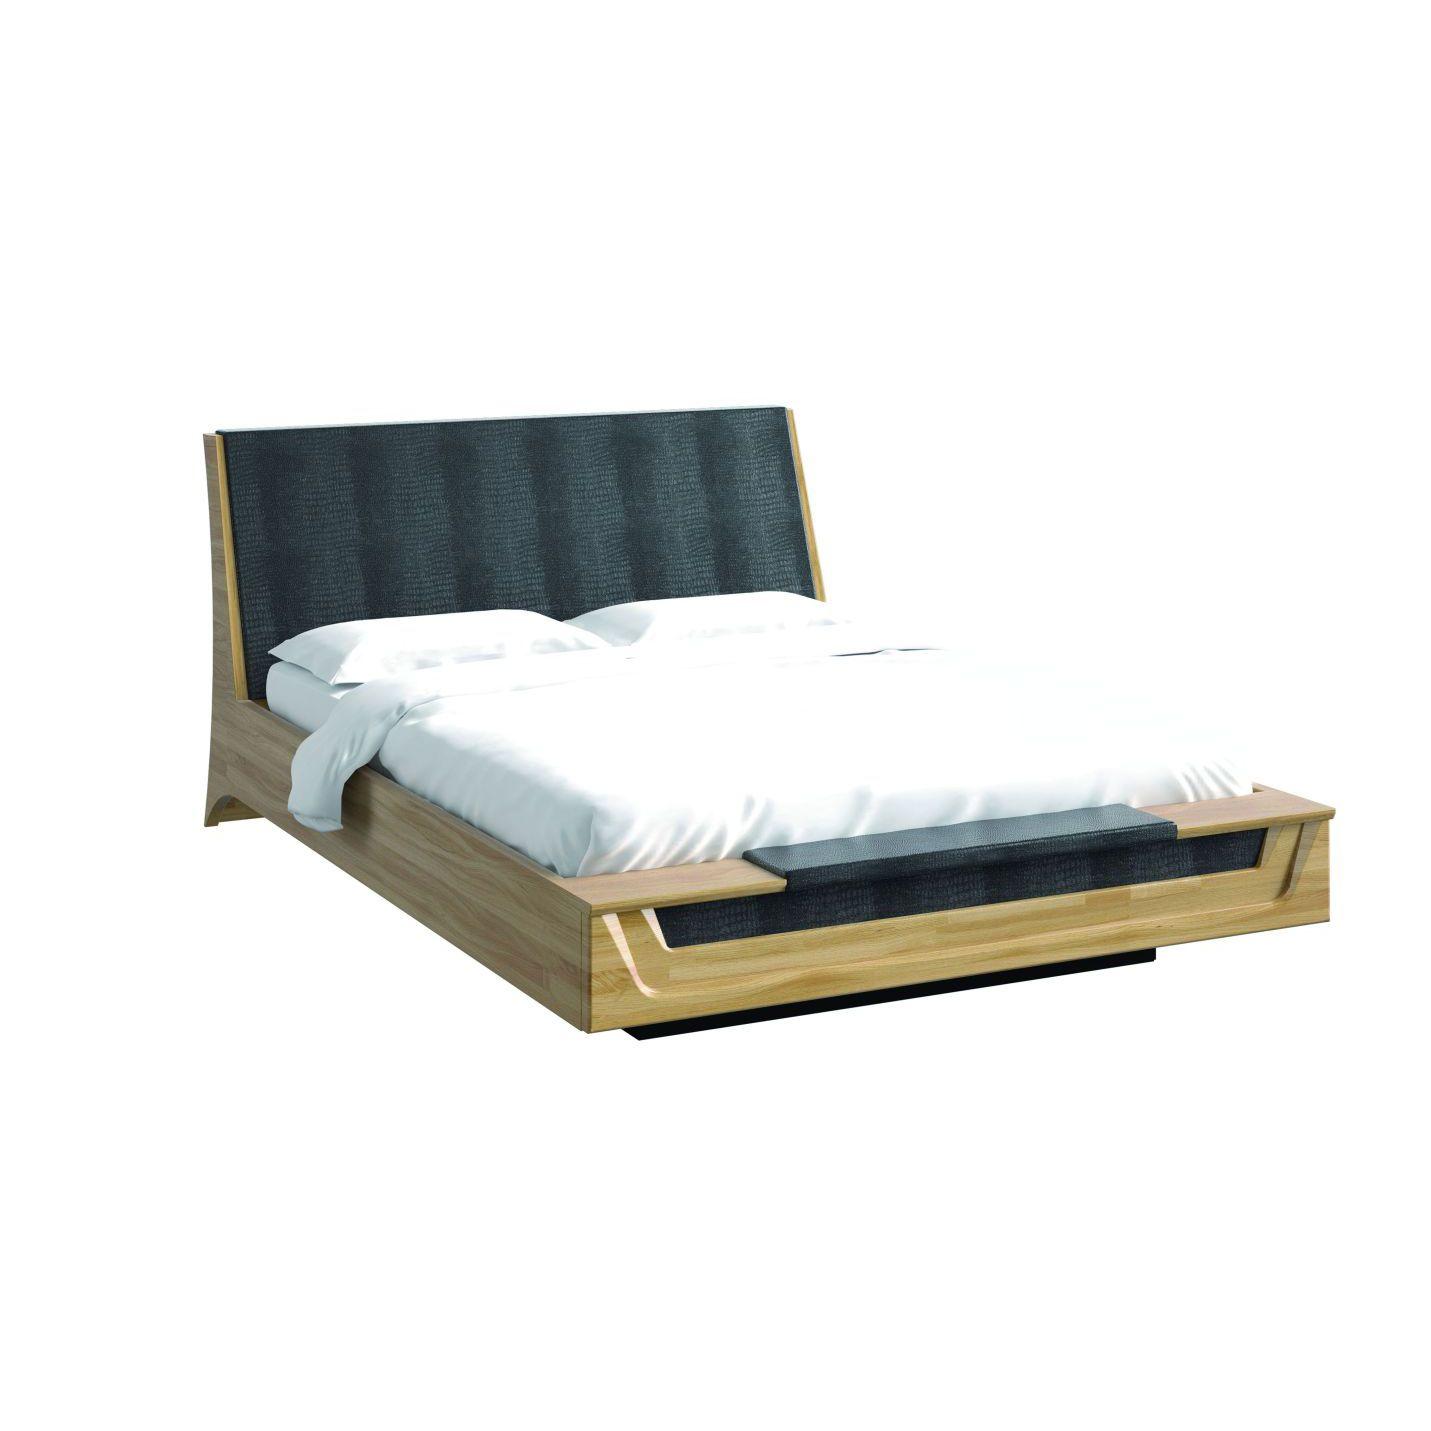 Full Size of Bett 140 Eiche 200 Cm Schwarz Betten Köln Funktions Rauch 140x200 Graues 180x200 Paradies Bettkasten Ikea 160x200 überlänge Nussbaum Boxspring Hohes Bett Bett 140